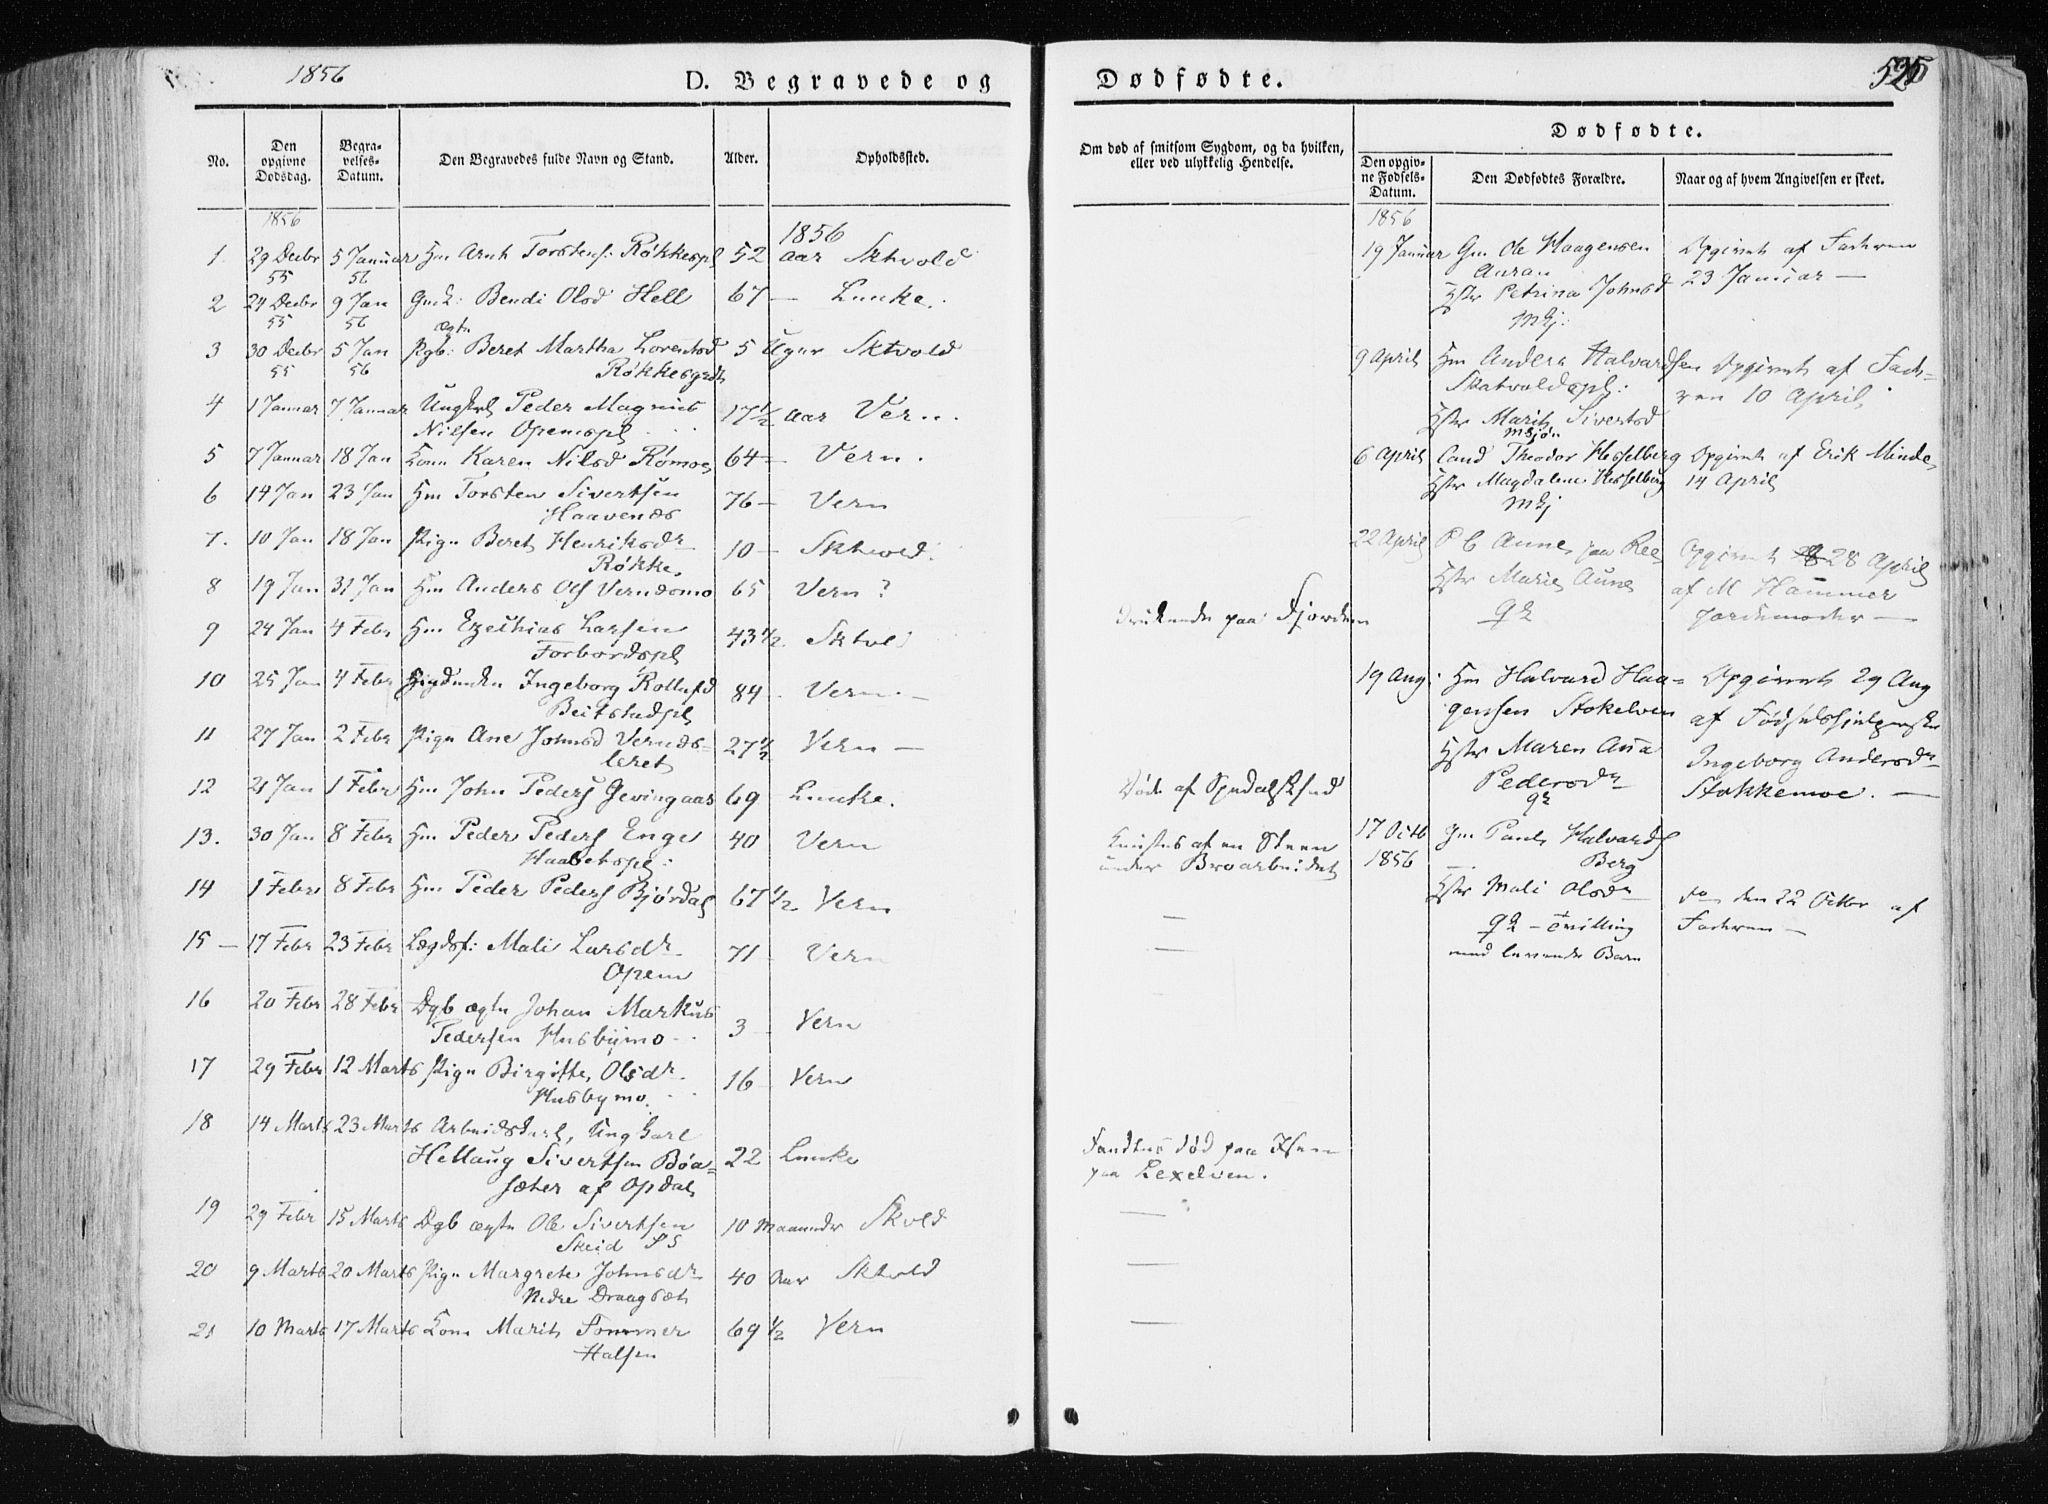 SAT, Ministerialprotokoller, klokkerbøker og fødselsregistre - Nord-Trøndelag, 709/L0074: Ministerialbok nr. 709A14, 1845-1858, s. 526